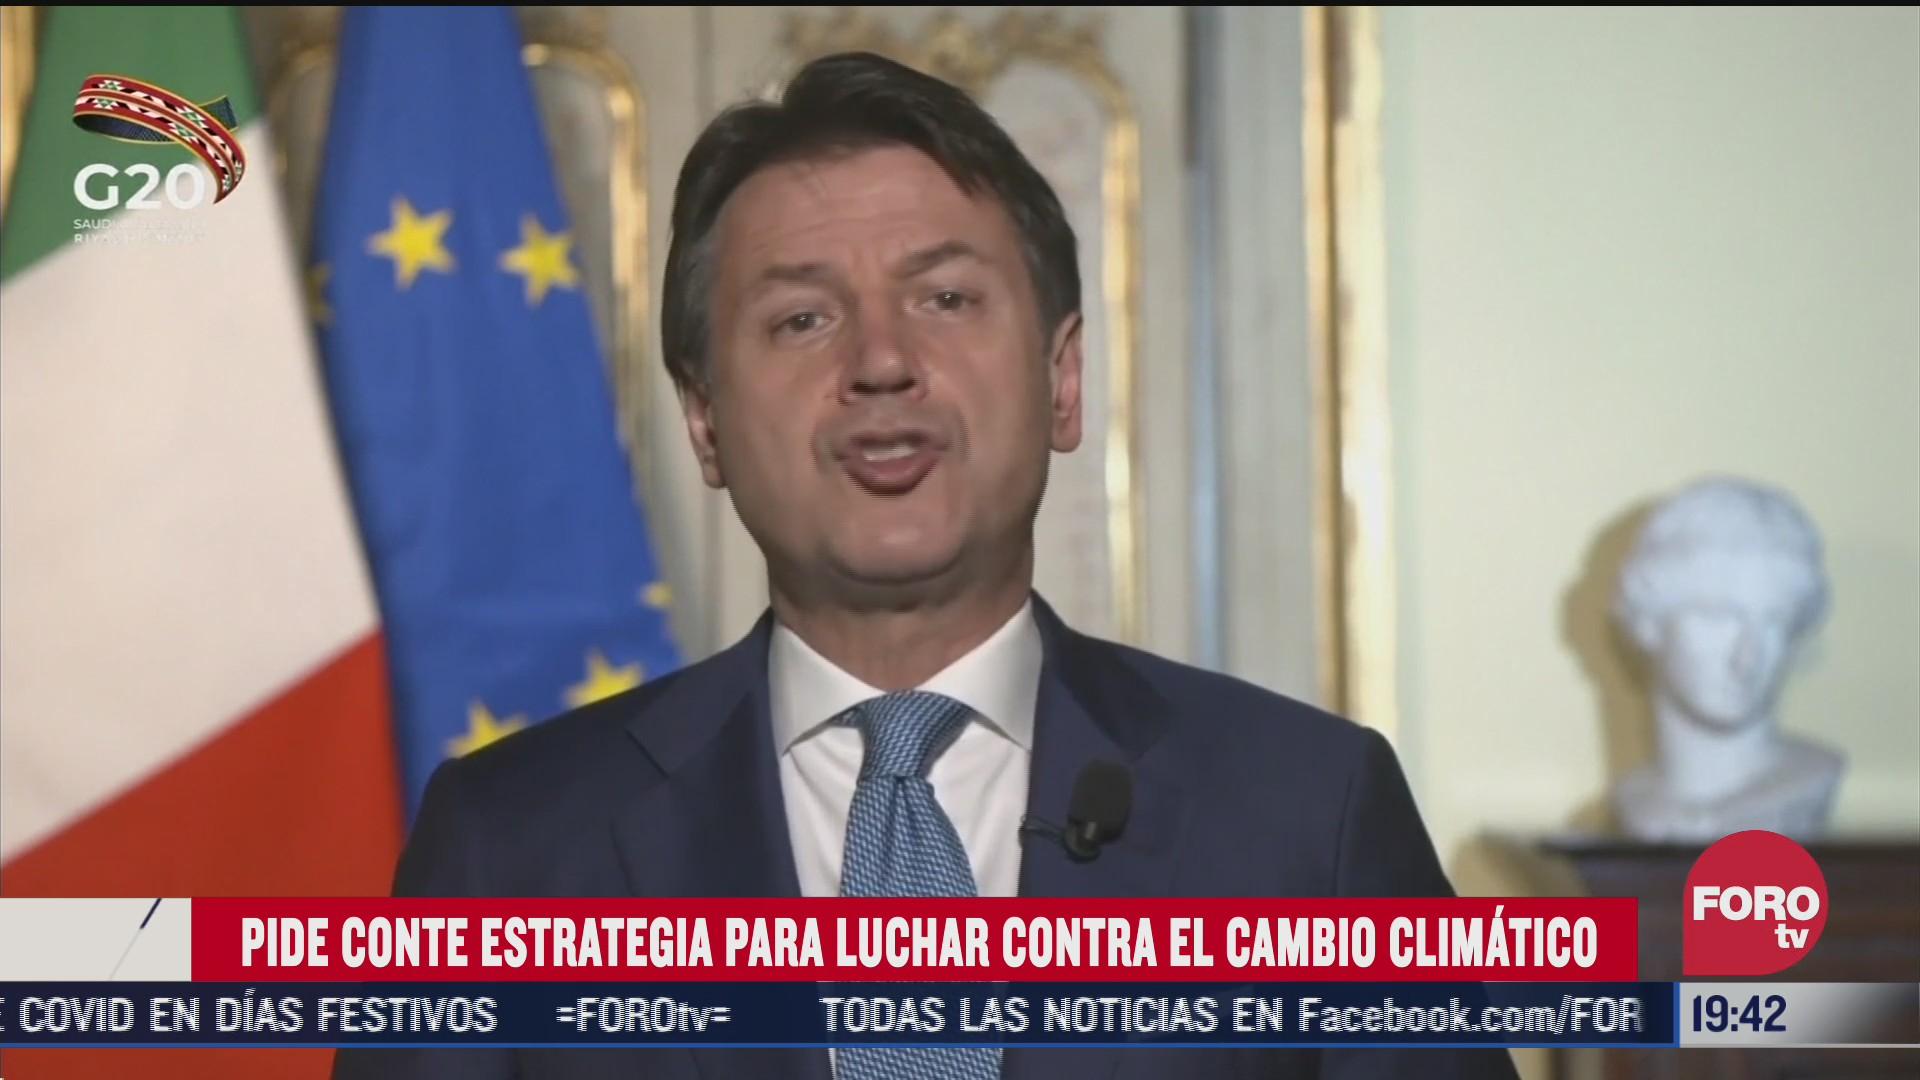 g20 discute para contrarrestar el cambio climatico